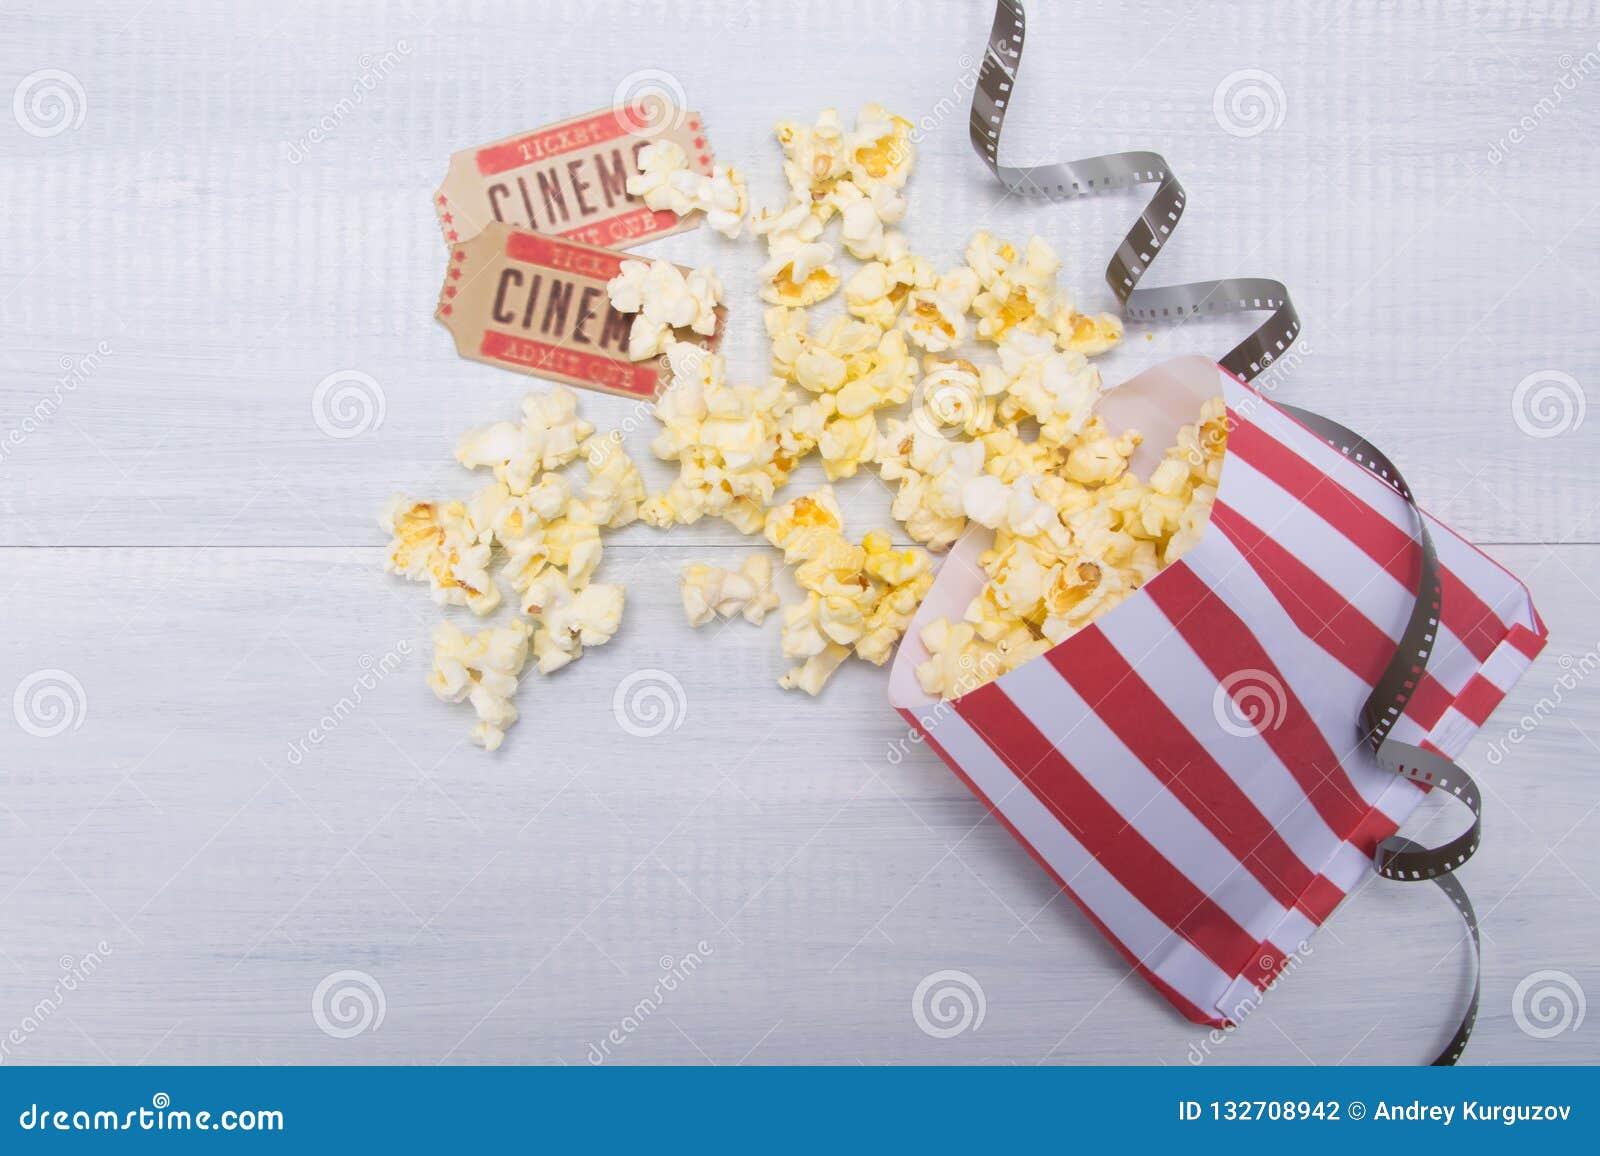 Pakunek z rozrzuconym popkornem, dwa filmów biletami i filmem, na świetle - szary tło